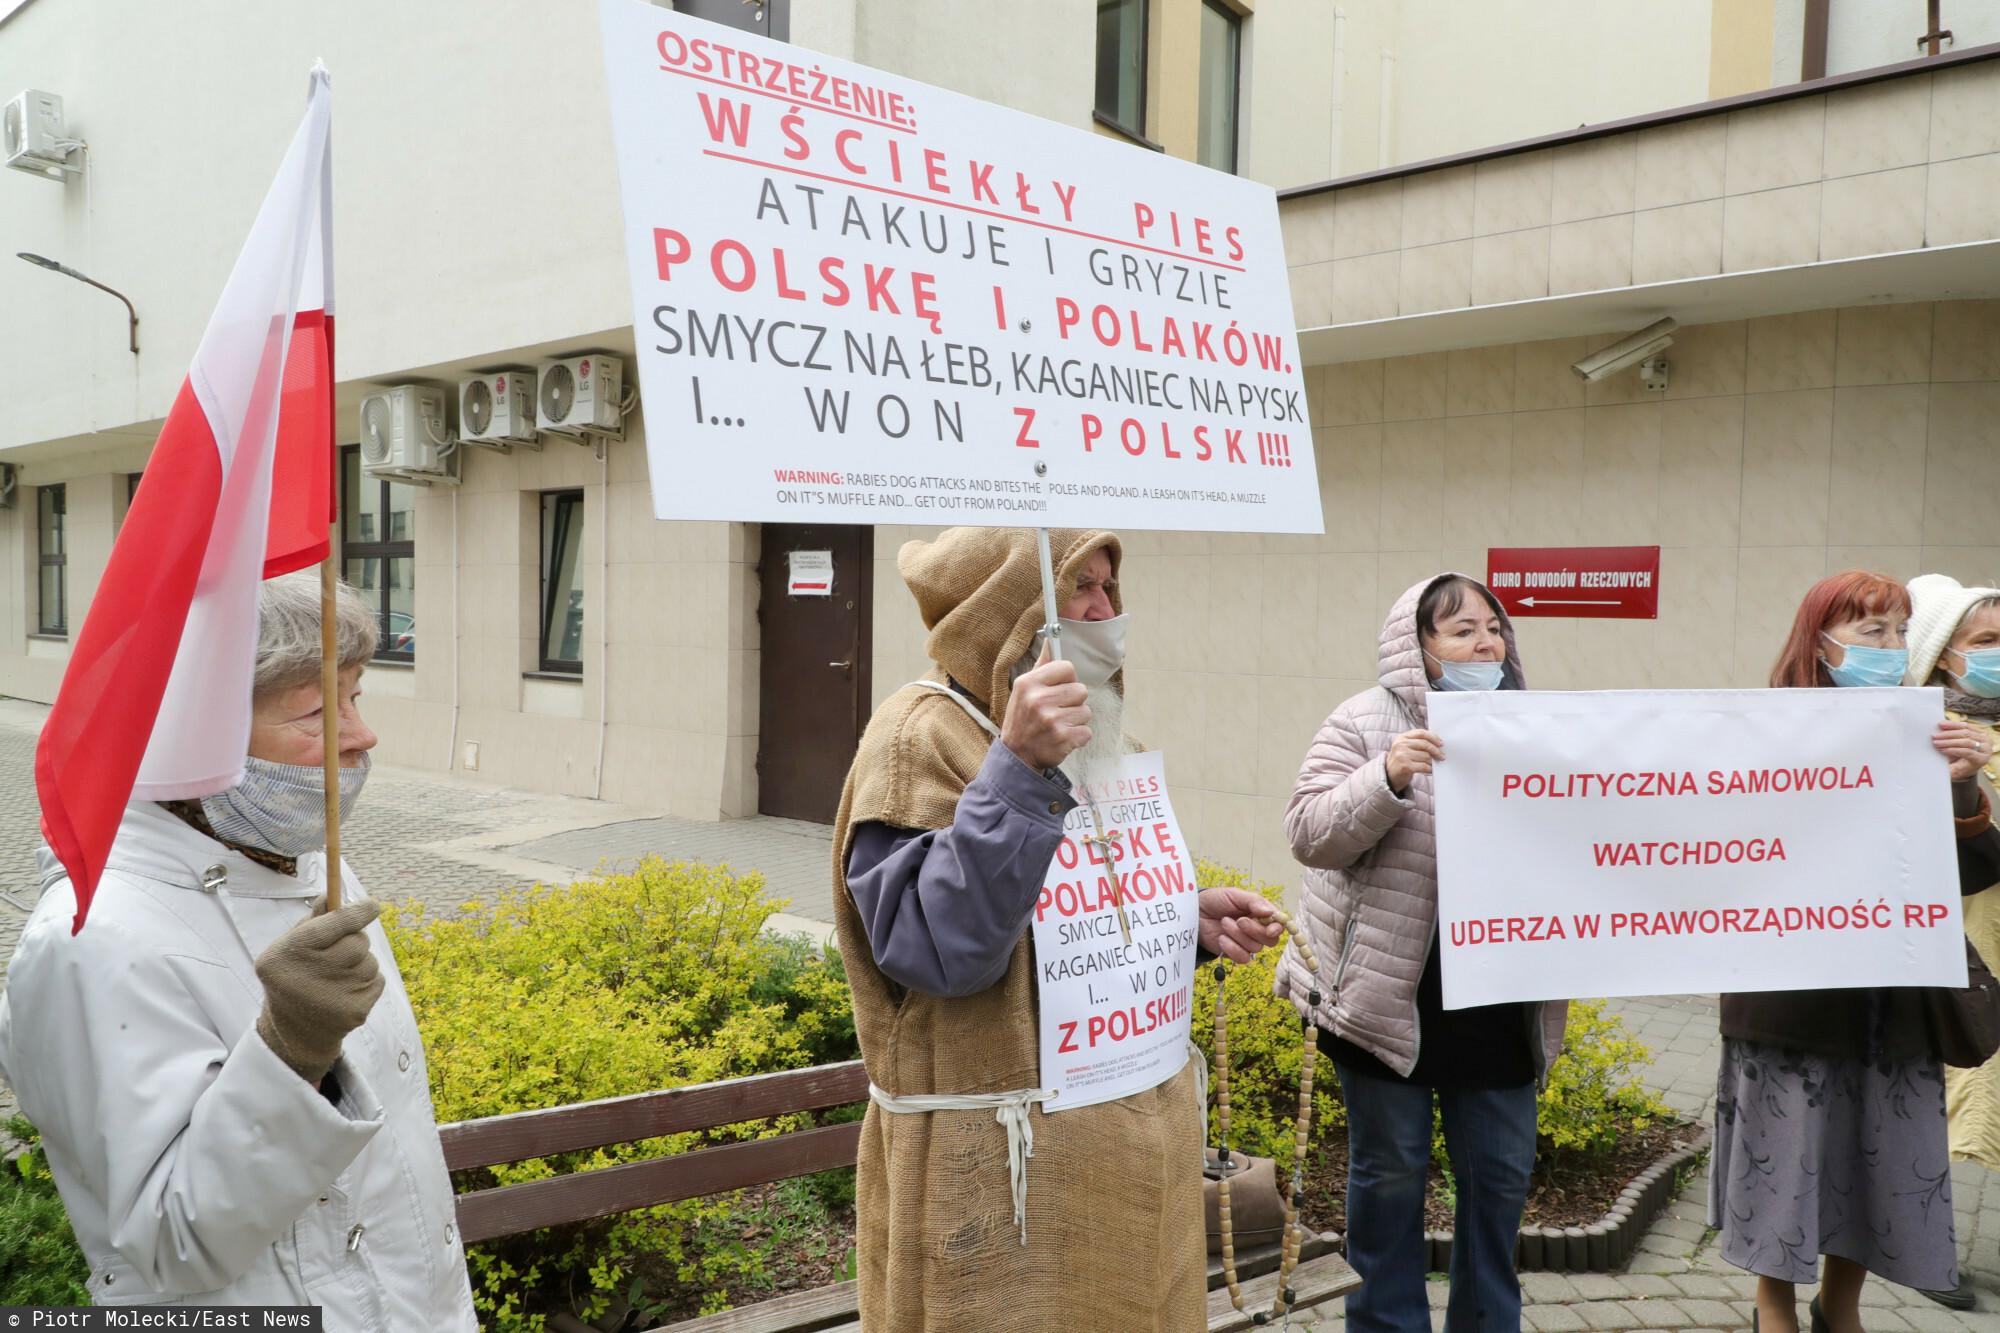 Zwolennicy Tadeusz Rydzyka ruszyli mu z pomocą w związku z pozwem Watchdog Polska przeciw fundacji założonej przez zakonnika Fundacji Lux Veritatis.